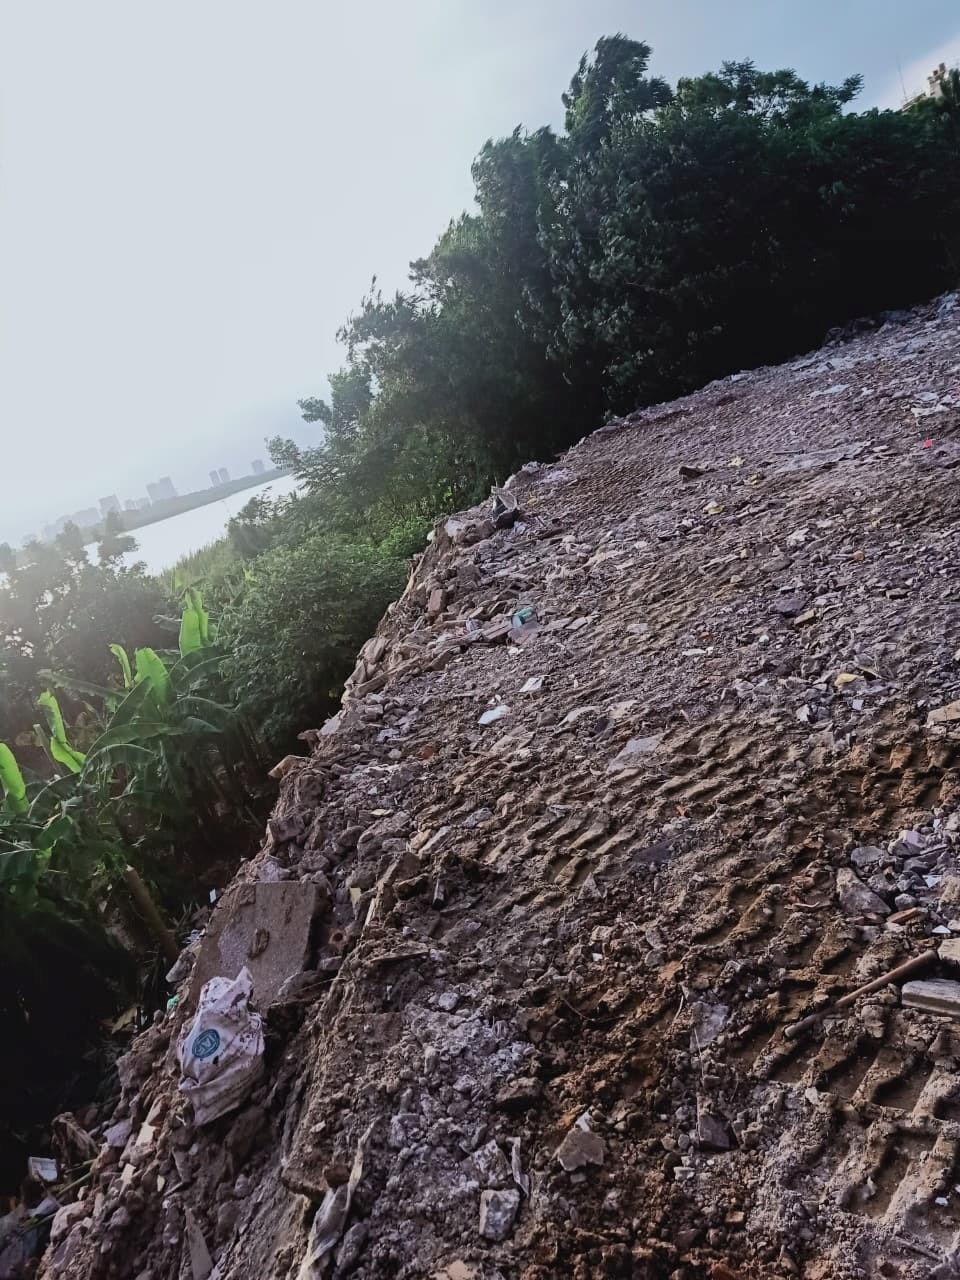 Hà Nội: Ngang nhiên đổ đất, xây dựng lấn chiếm trên hành lang thoát lũ - ảnh 1